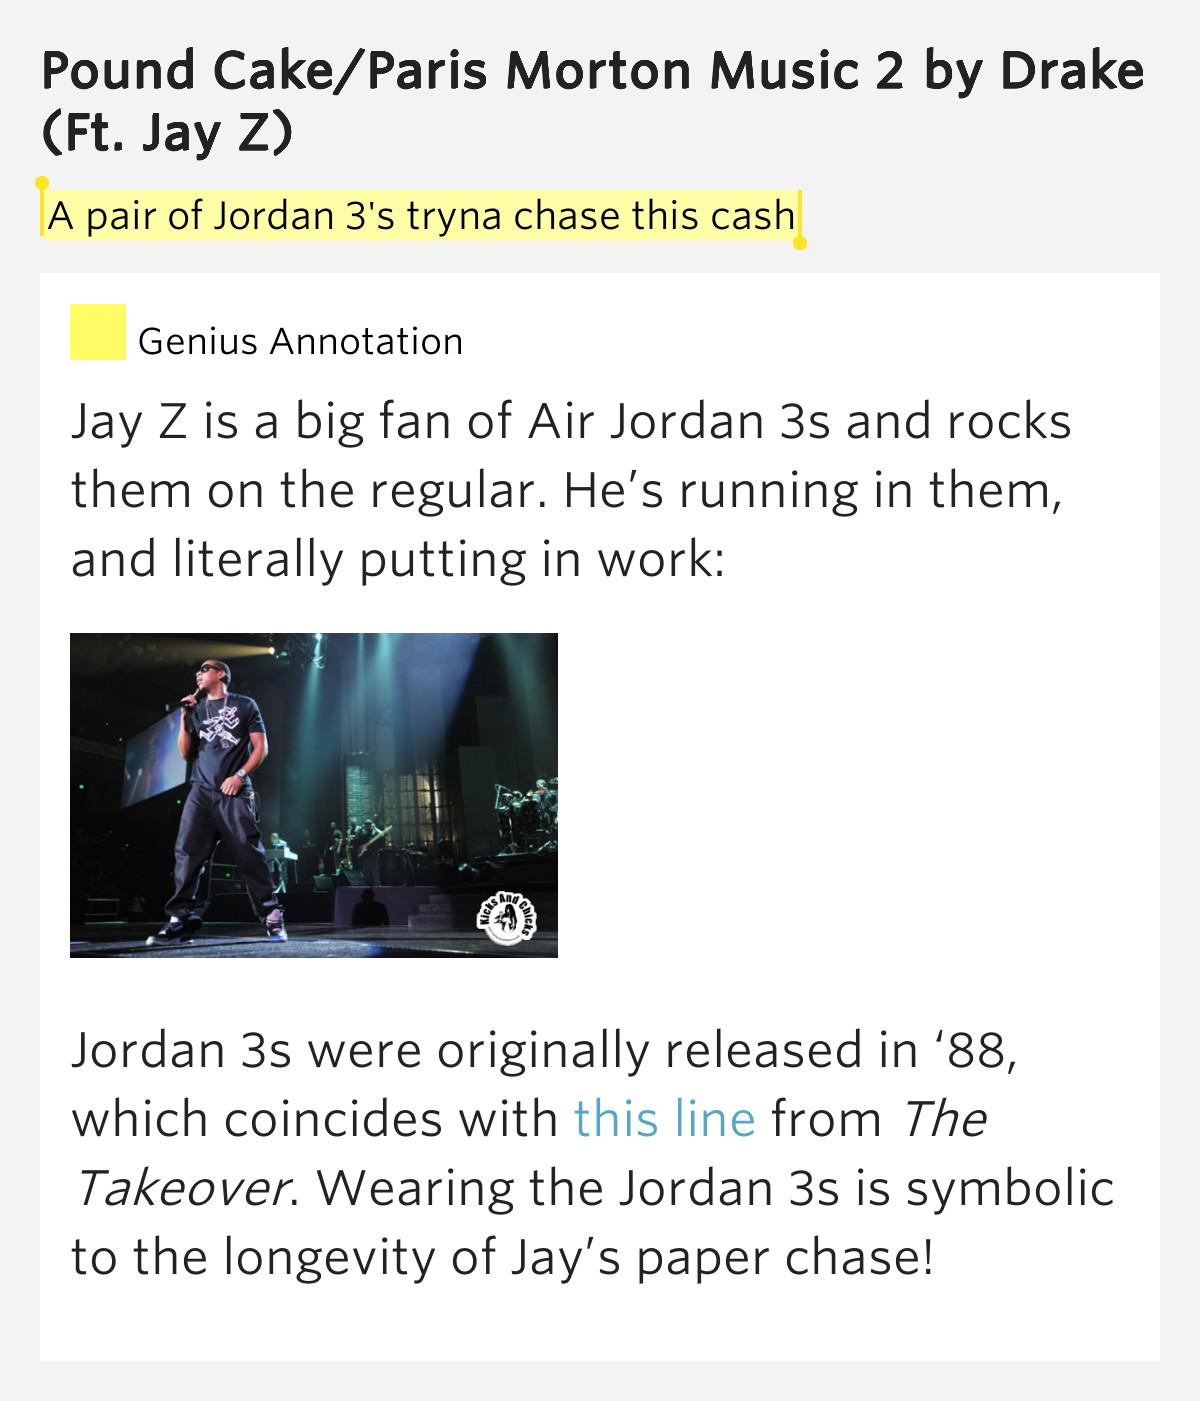 Pound Cake Lyrics  A pair of Jordan 3 s tryna – Pound Cake Paris Morton Music 2